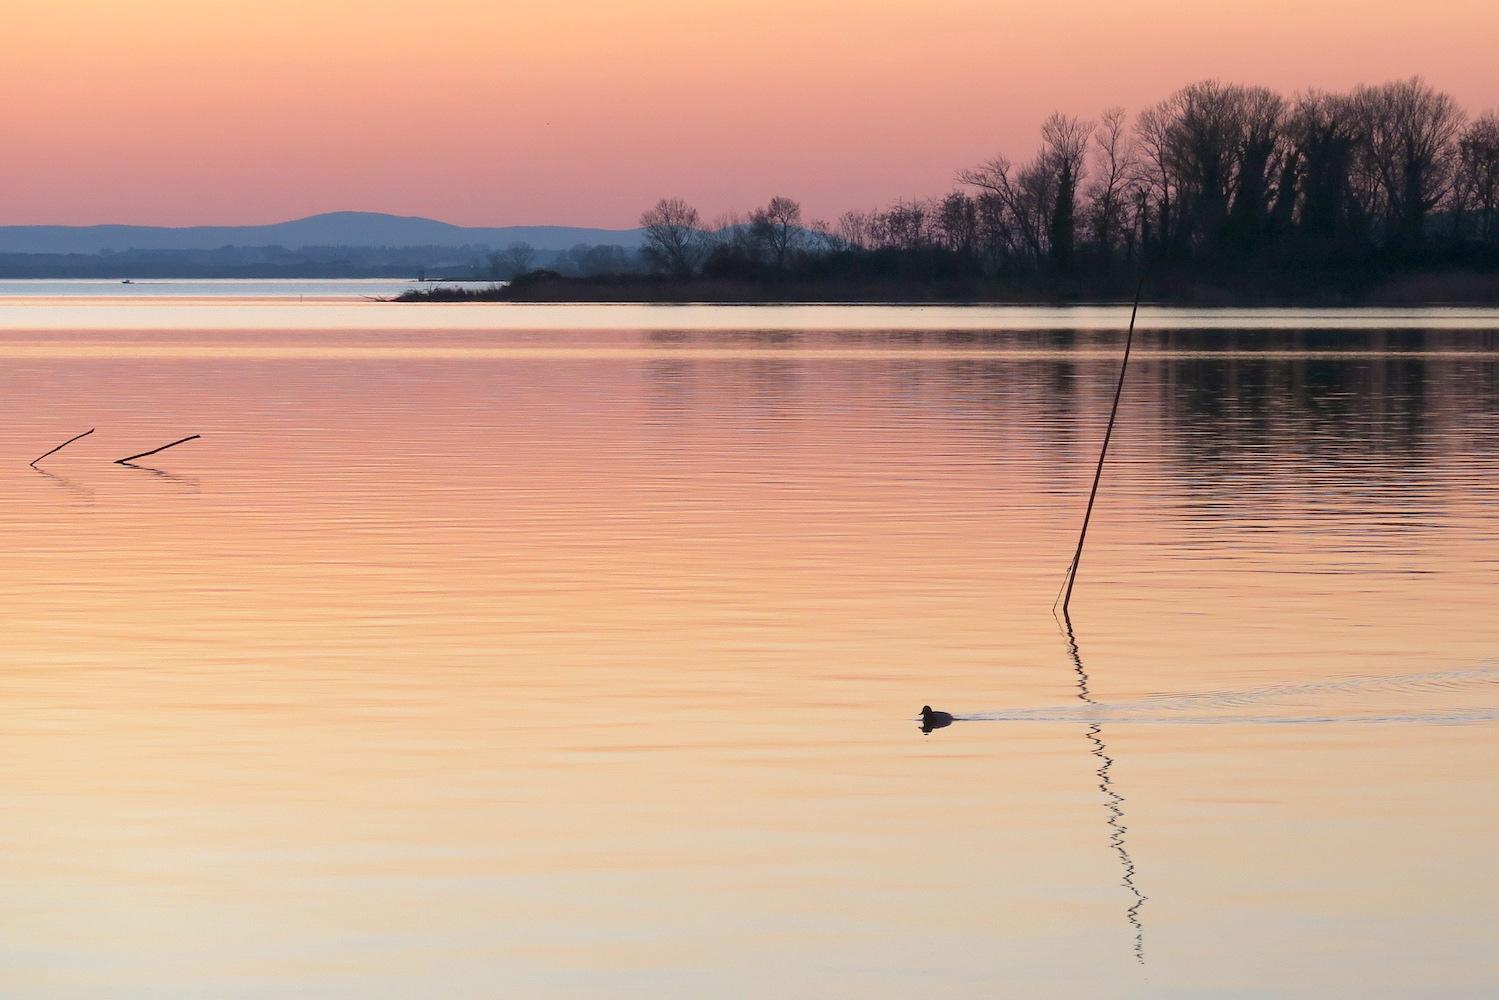 夕焼けの湖の鳥とコーヒーの鳥_f0234936_1658409.jpg